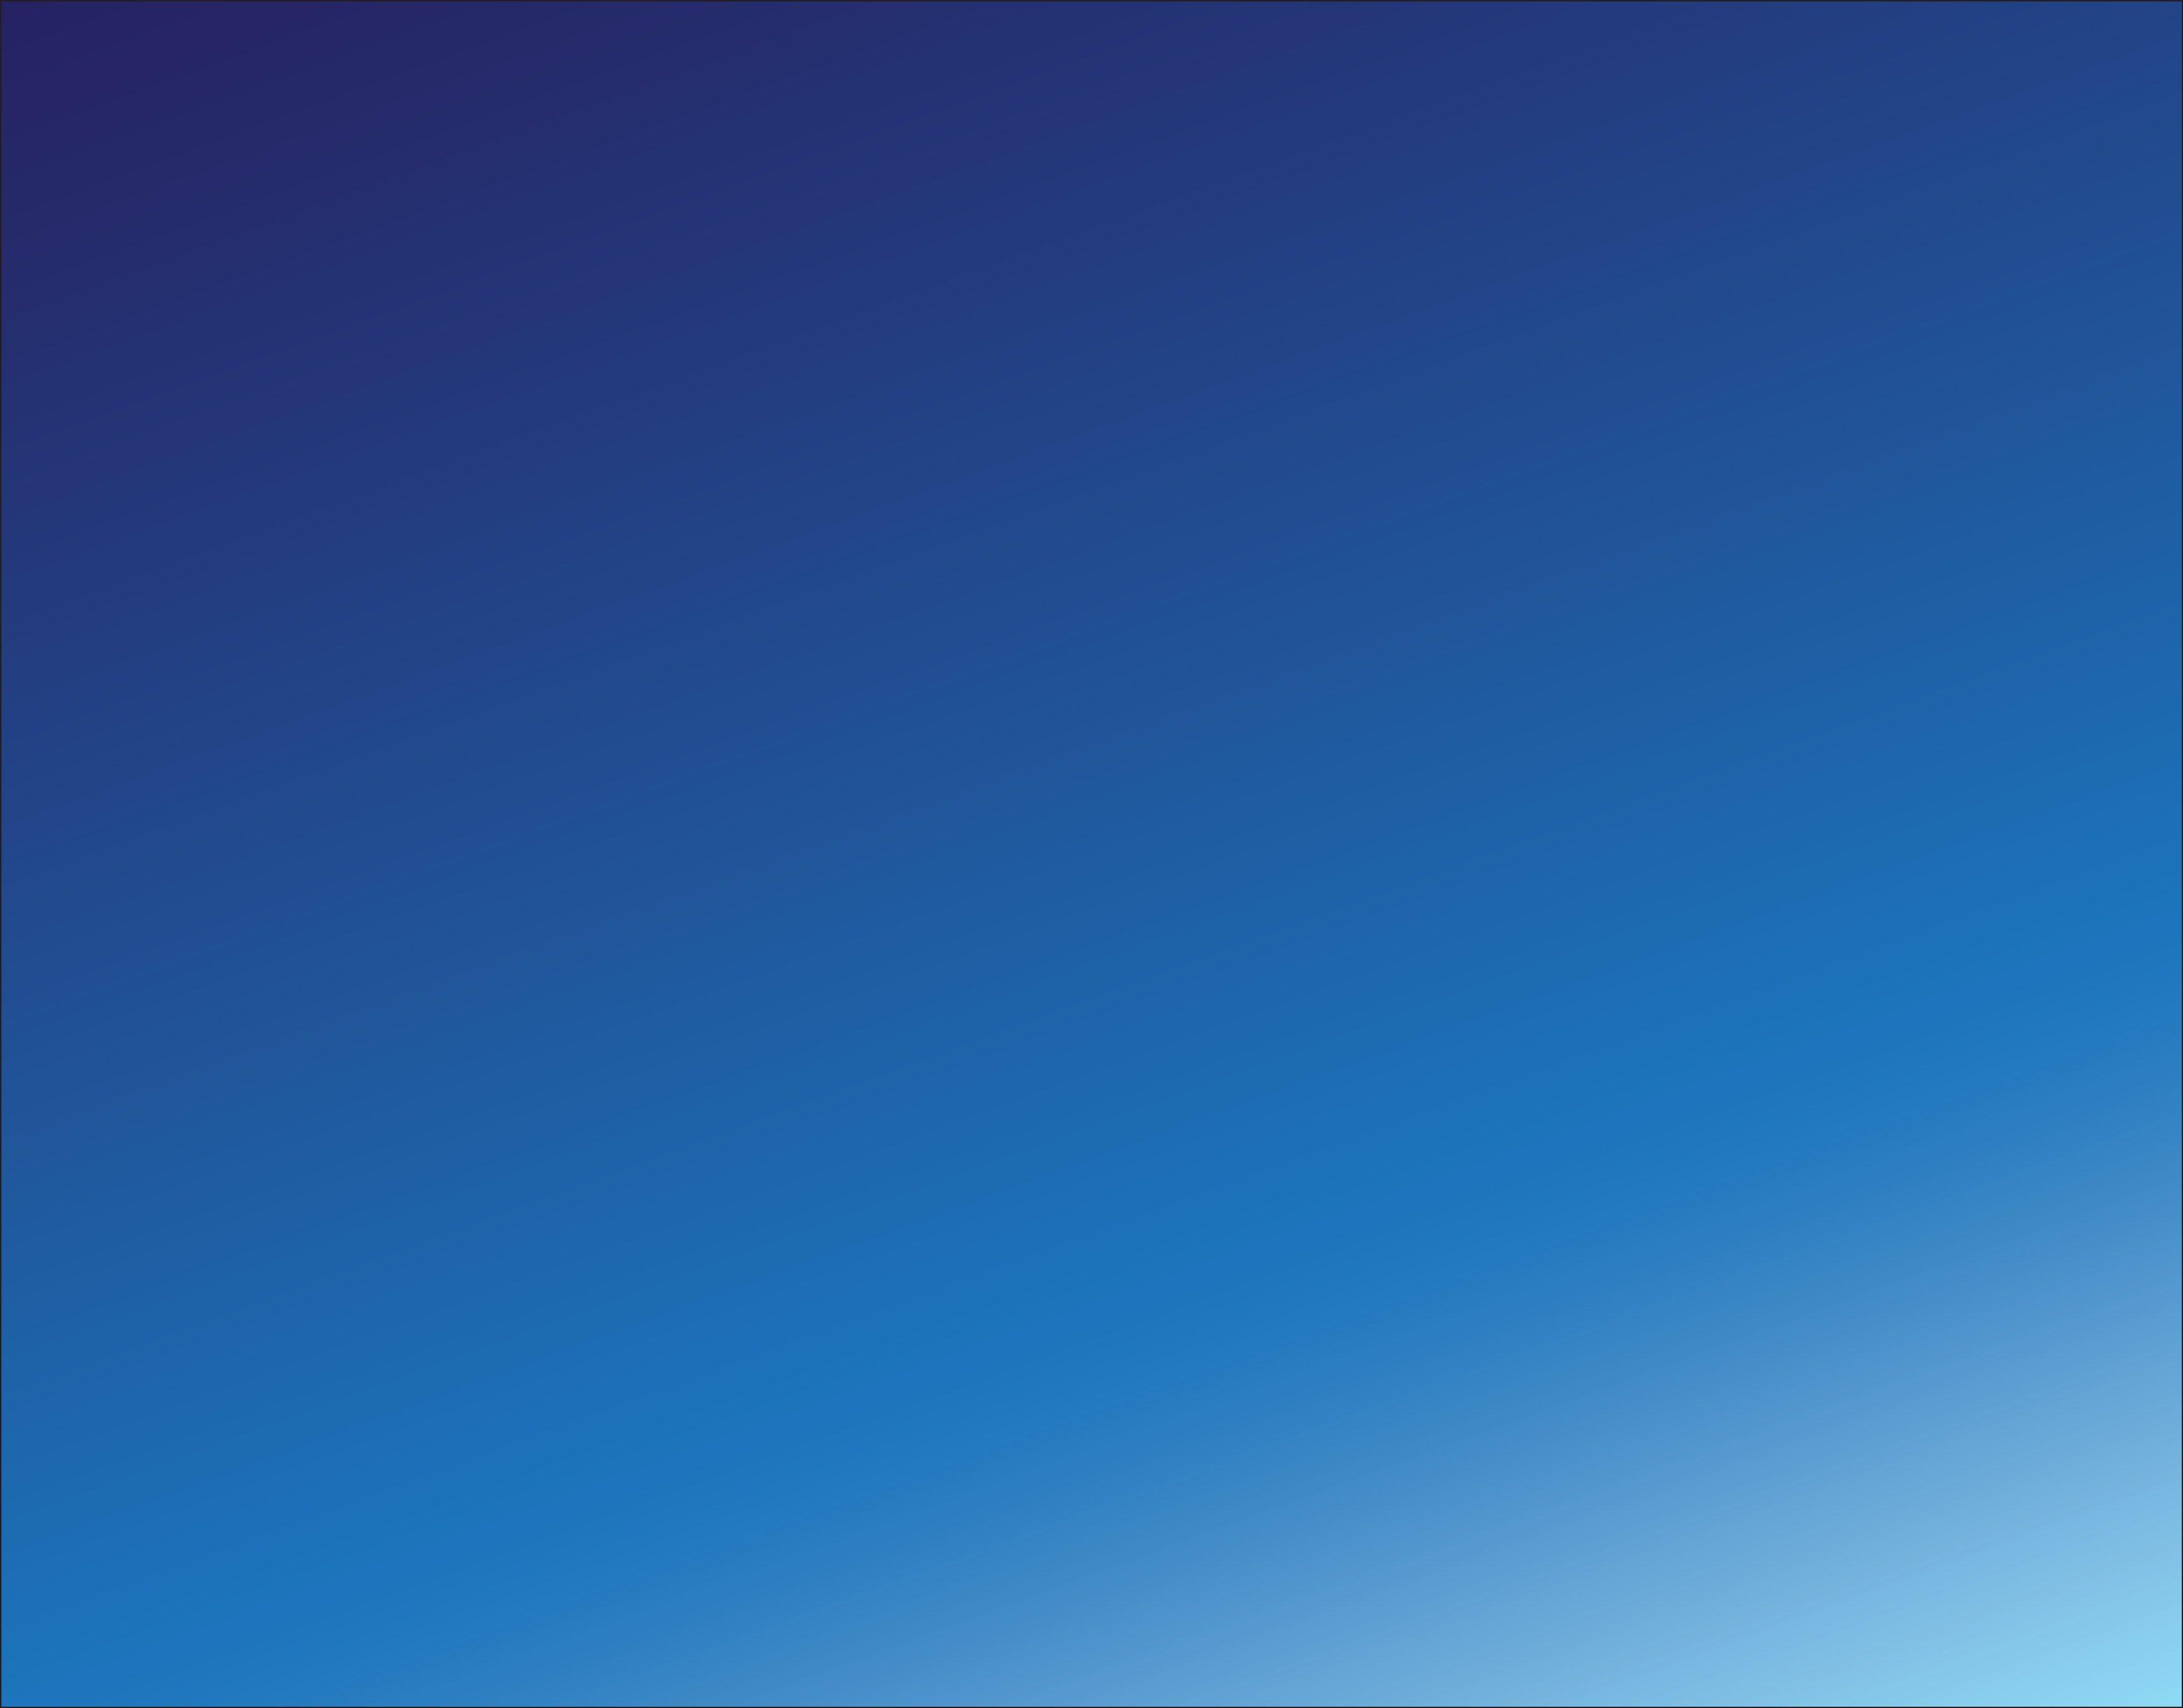 Dark_Blue_Gradient_Background-01.jpg